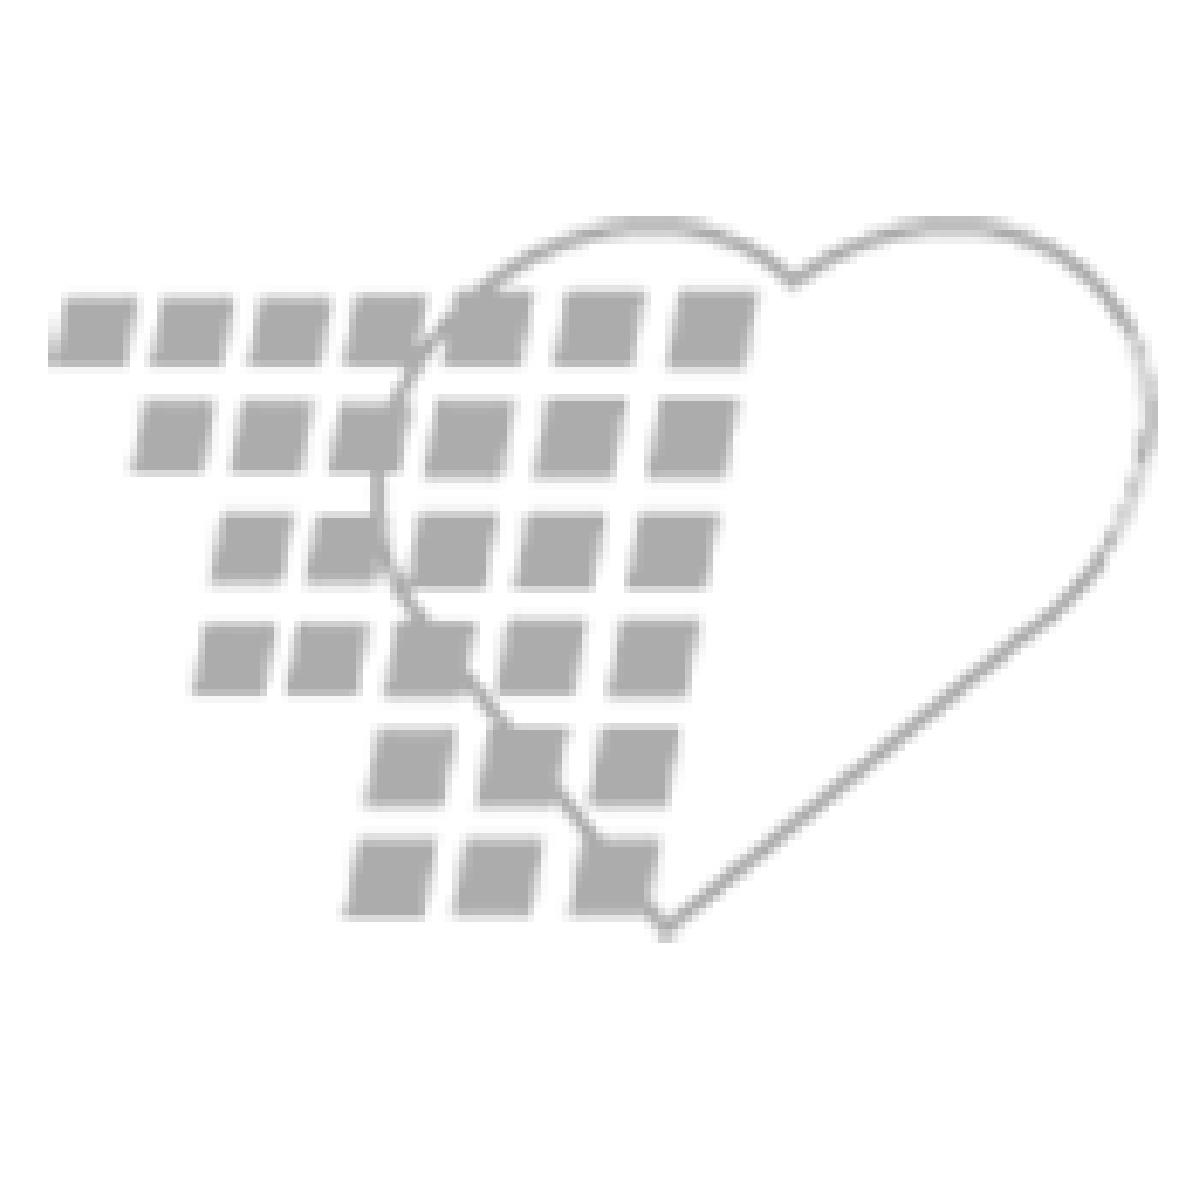 06-93-6929 Demo Dose® Diazepm Valim 5 mg mL 2 mL